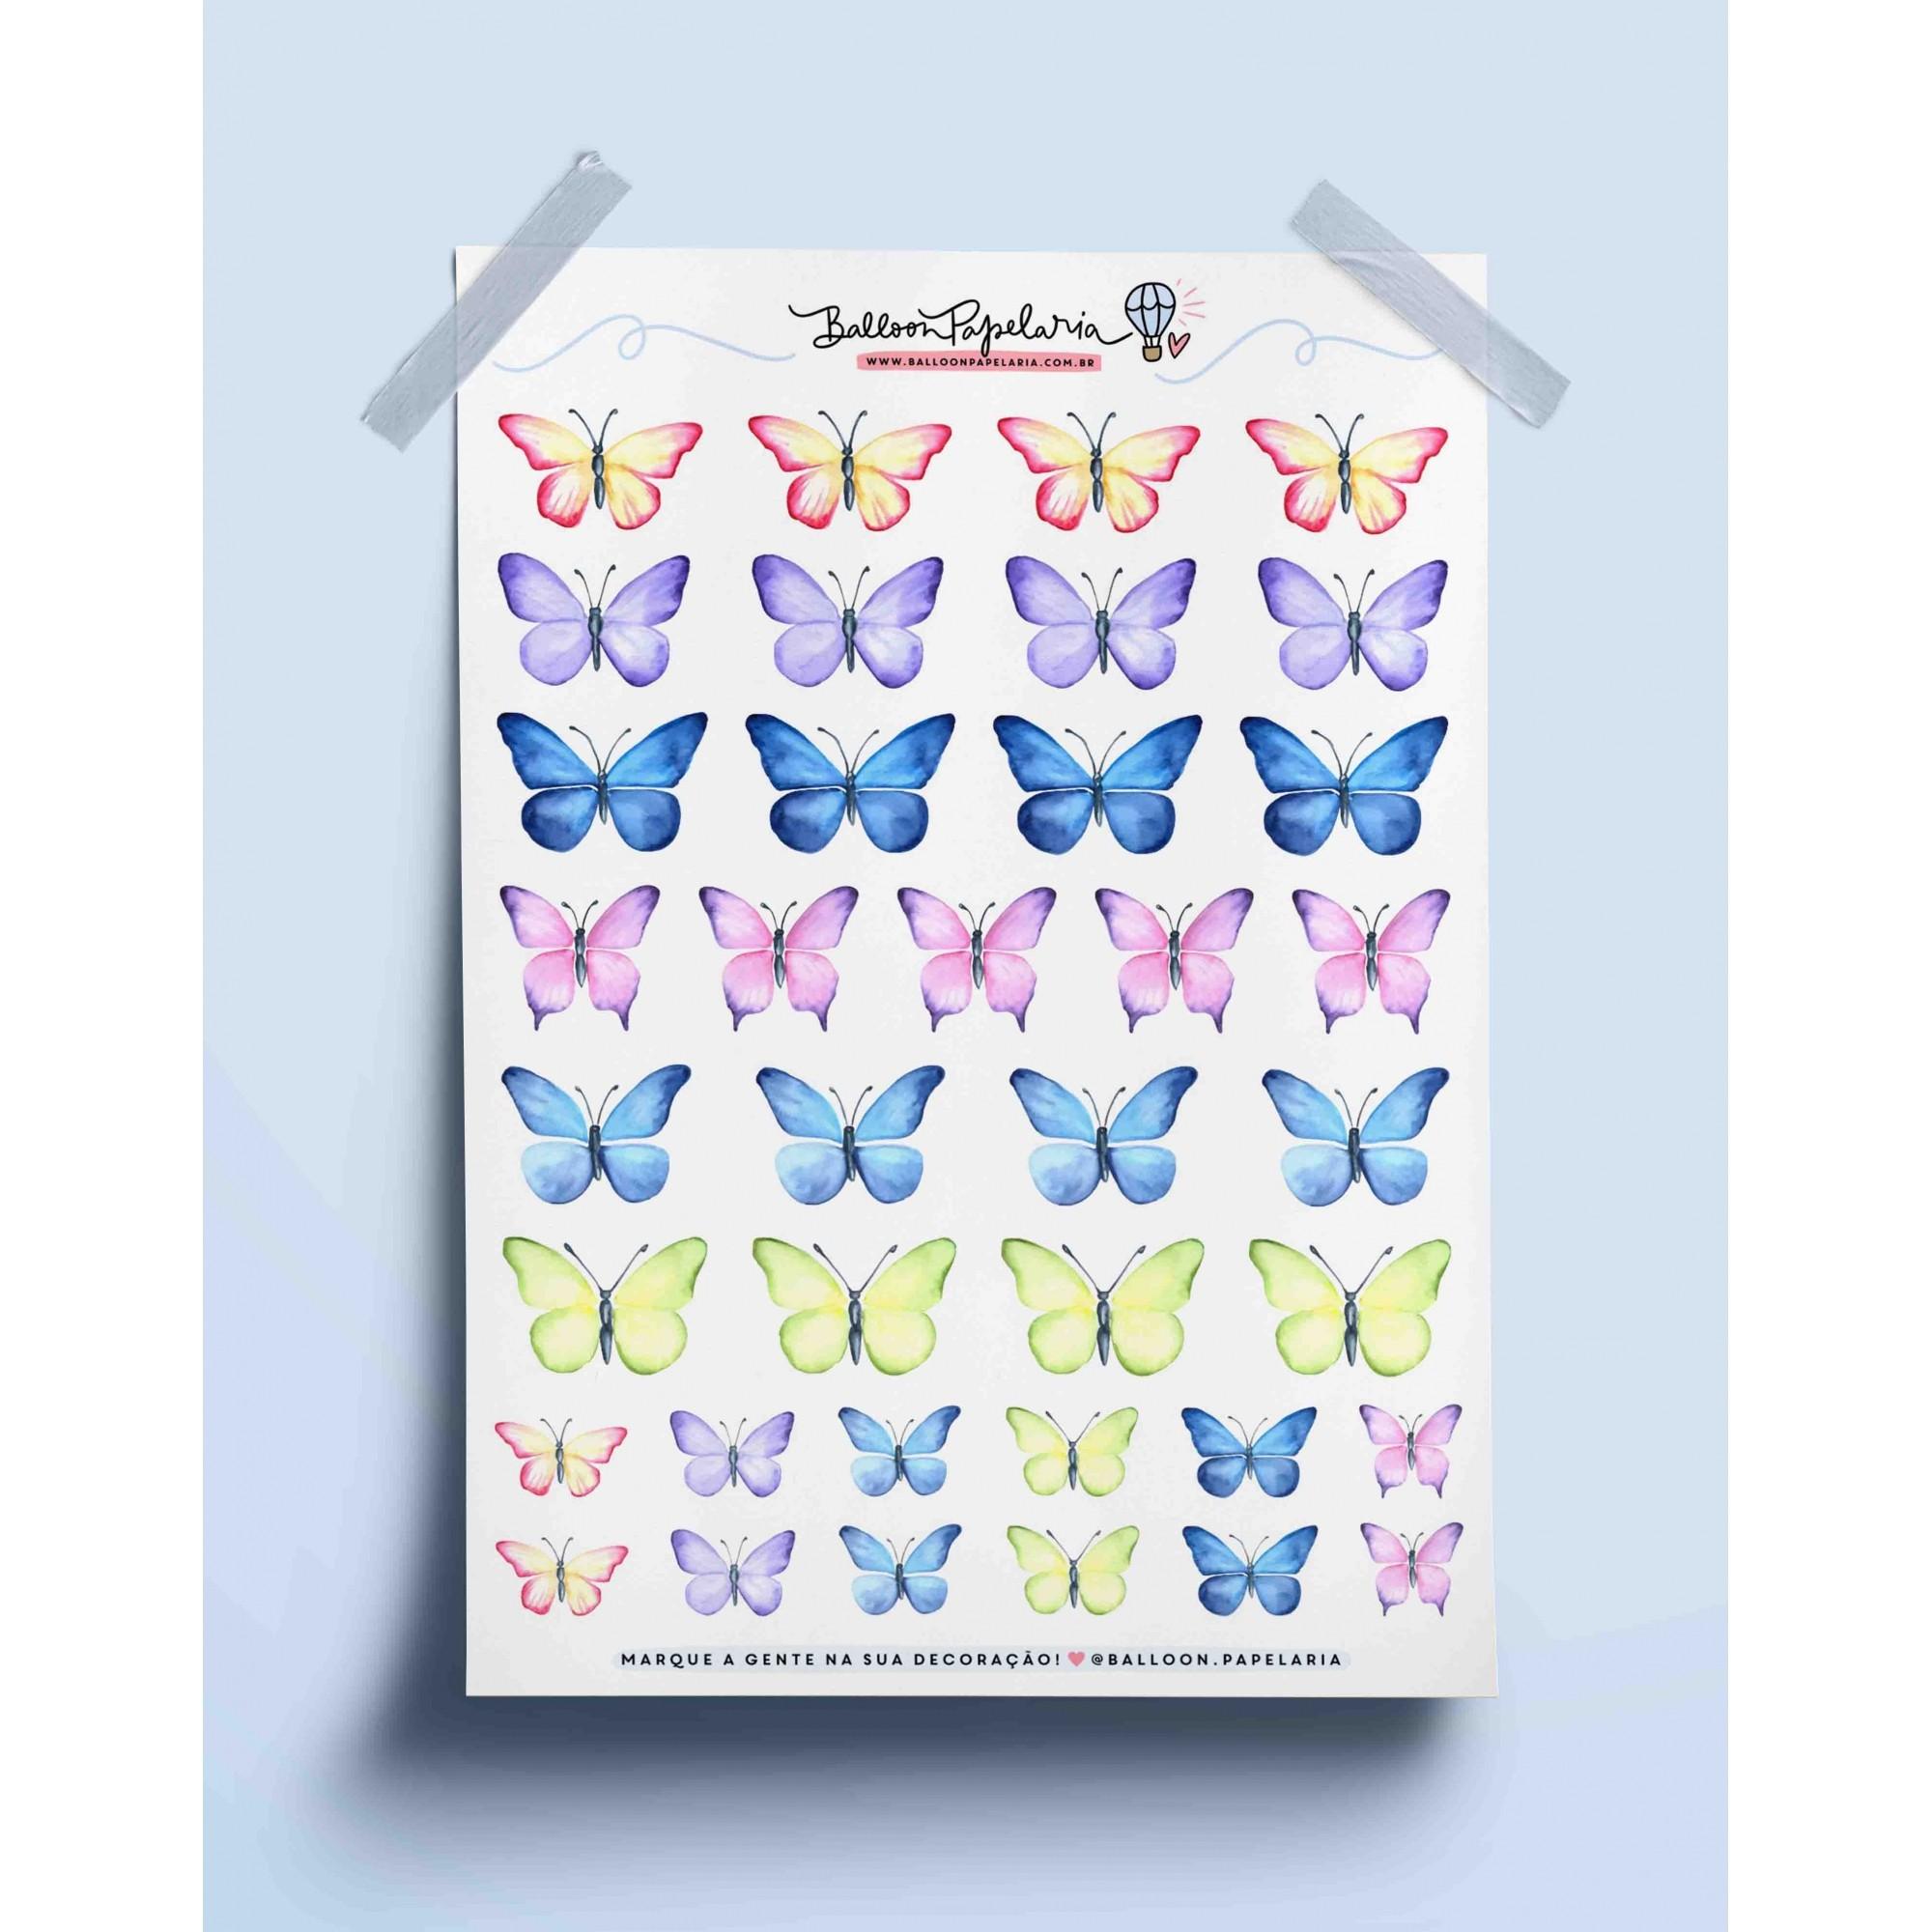 Adesivo borboletas